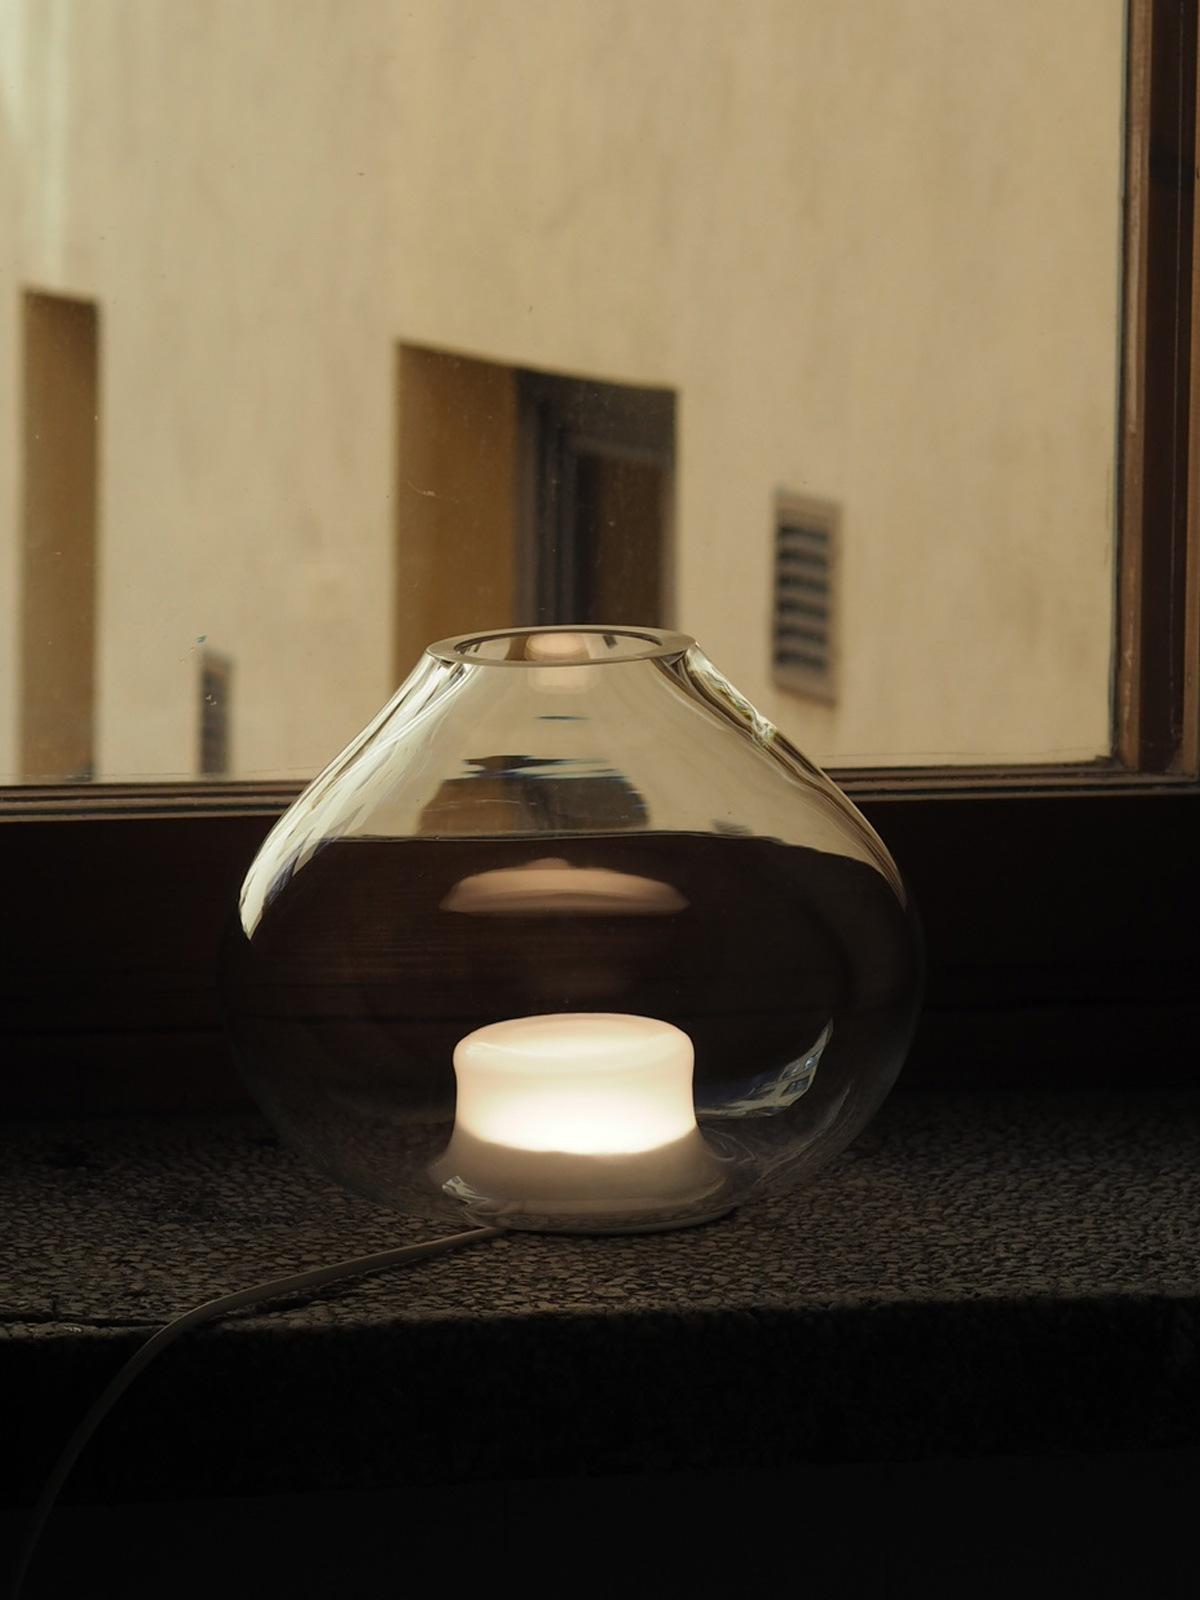 Neue Glasleuchten bei DesignOrt Innolux Sula Leuchte aus mundgeblasenem Glas DesignOrt skandinavische Tischlampe